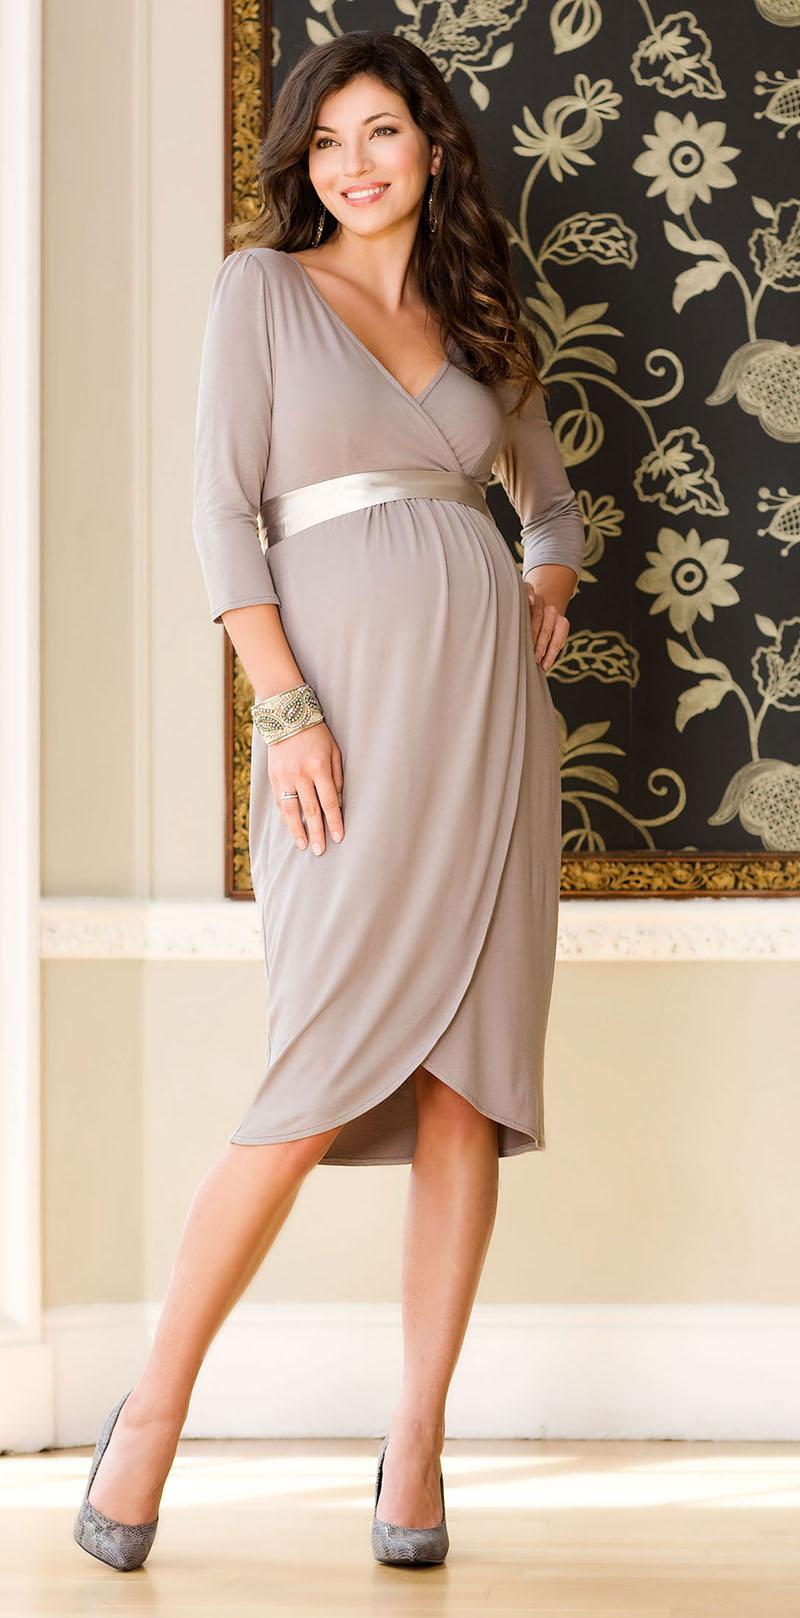 Нежное и очень красивое платье для беременных платьев – фото новинки сезона